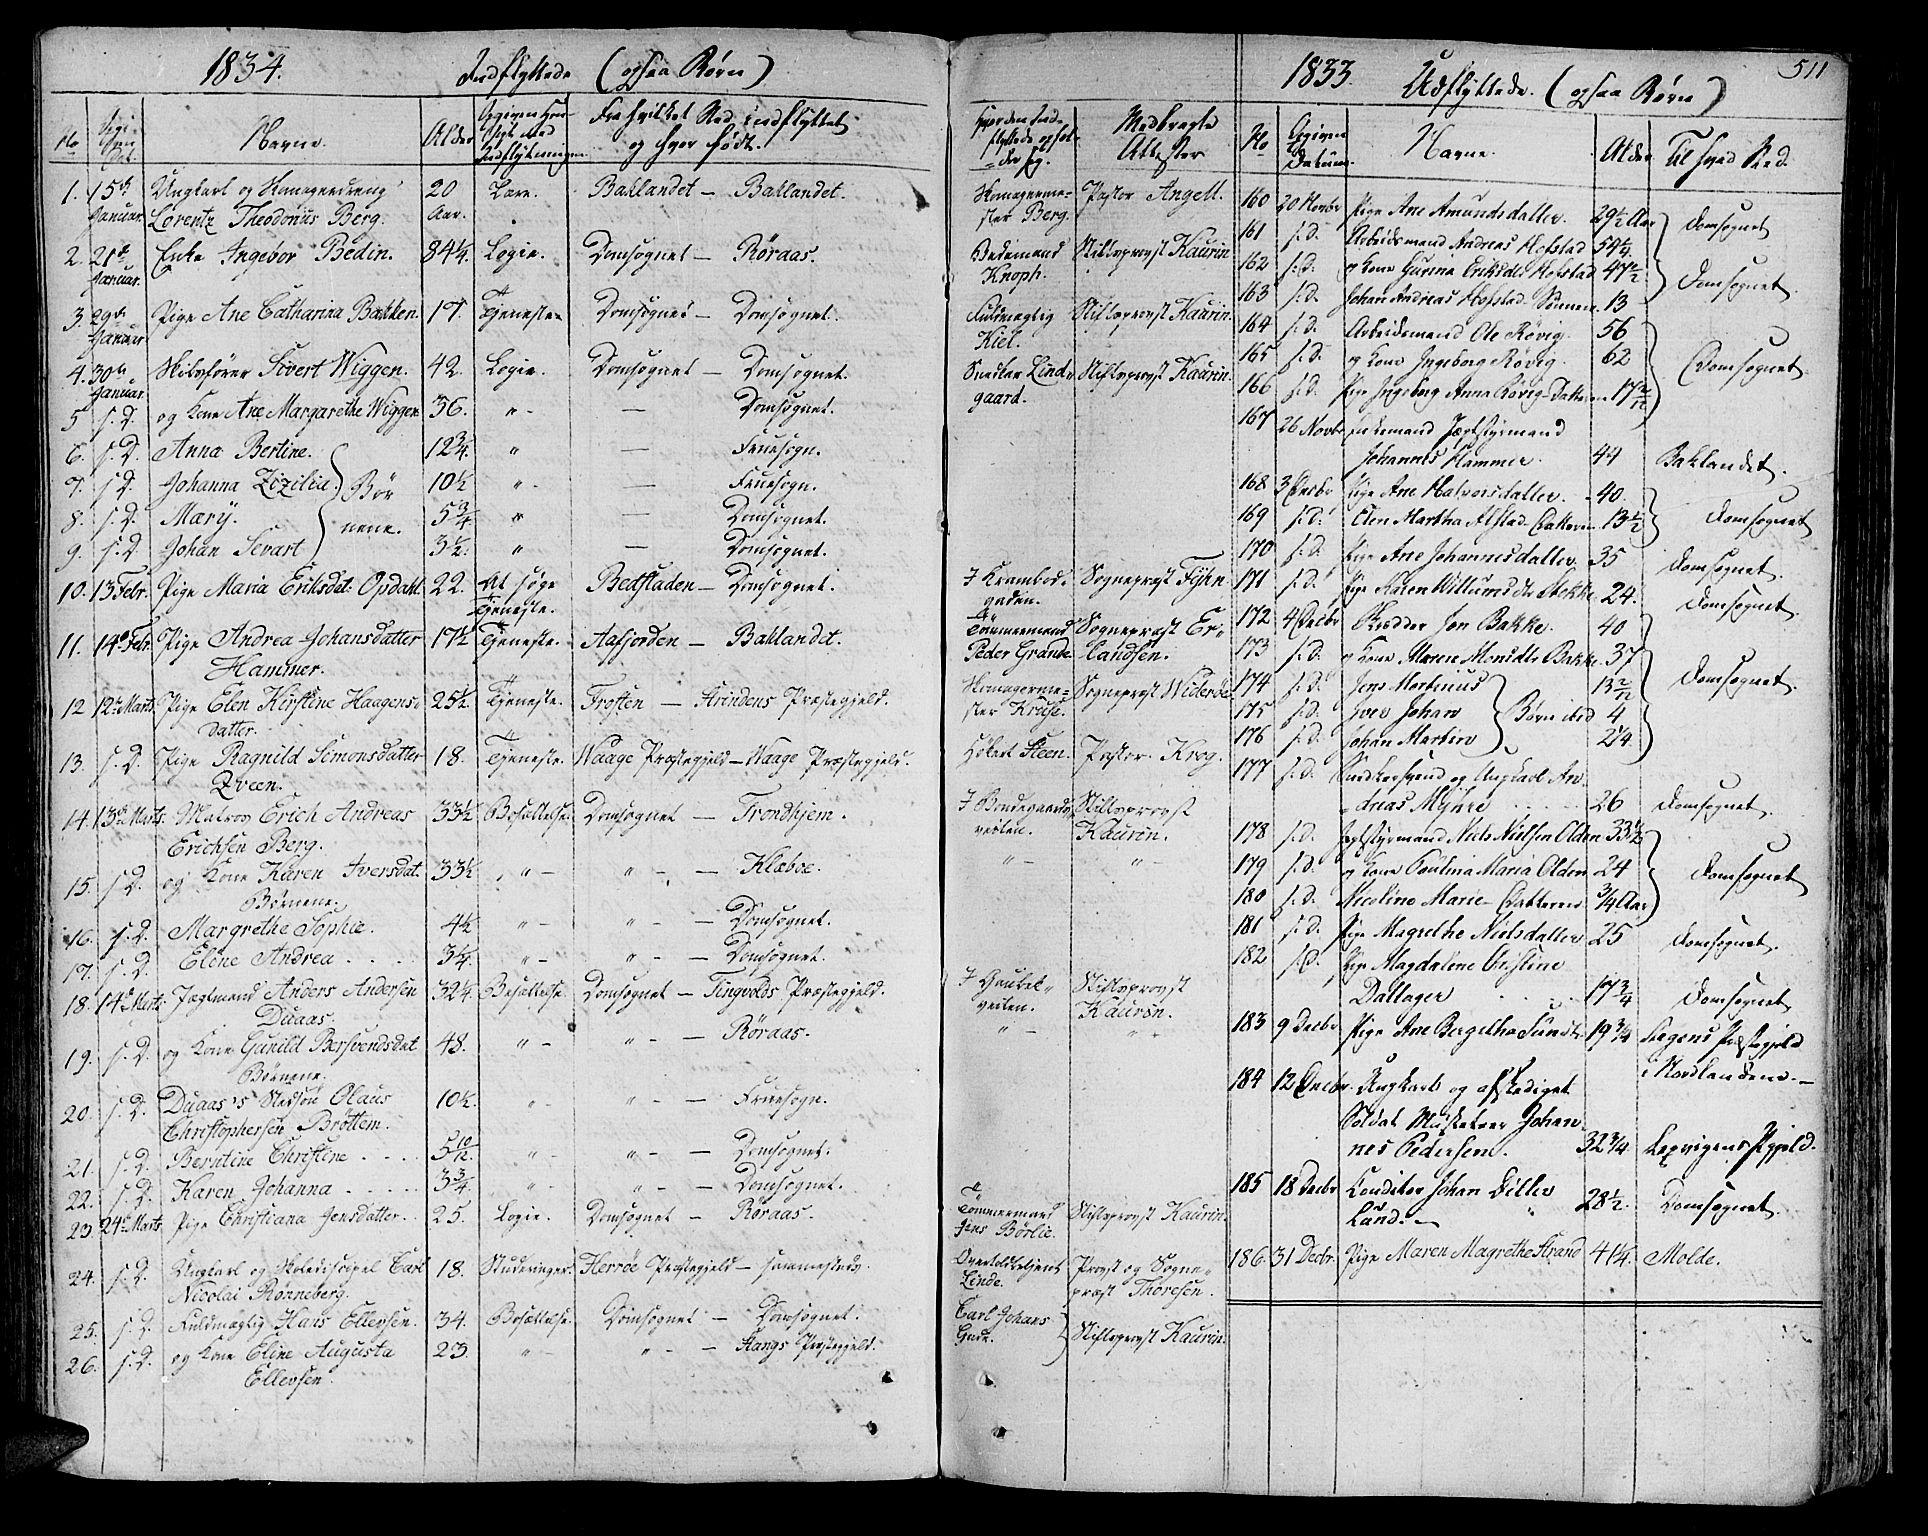 SAT, Ministerialprotokoller, klokkerbøker og fødselsregistre - Sør-Trøndelag, 602/L0109: Ministerialbok nr. 602A07, 1821-1840, s. 511